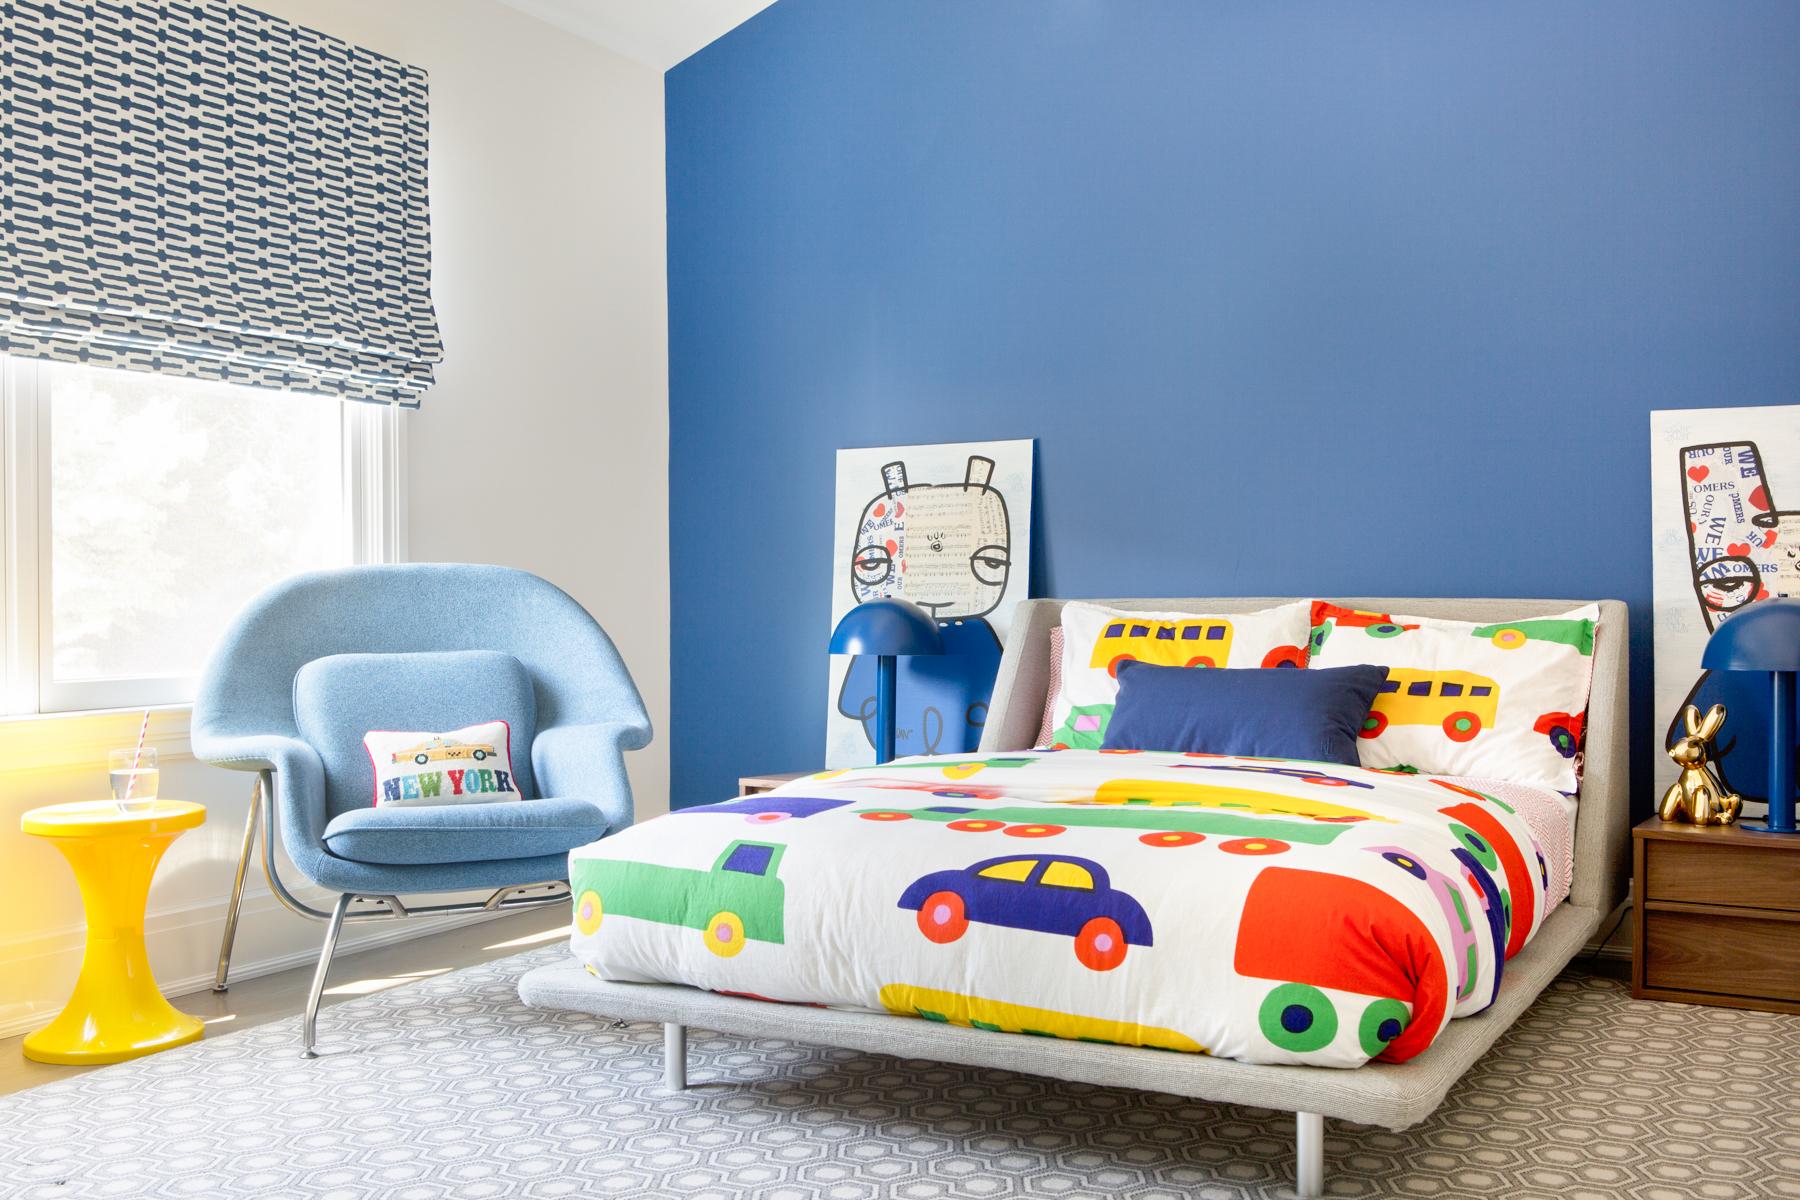 D2 INT WESTPORT KIDS BEDROOM.jpg